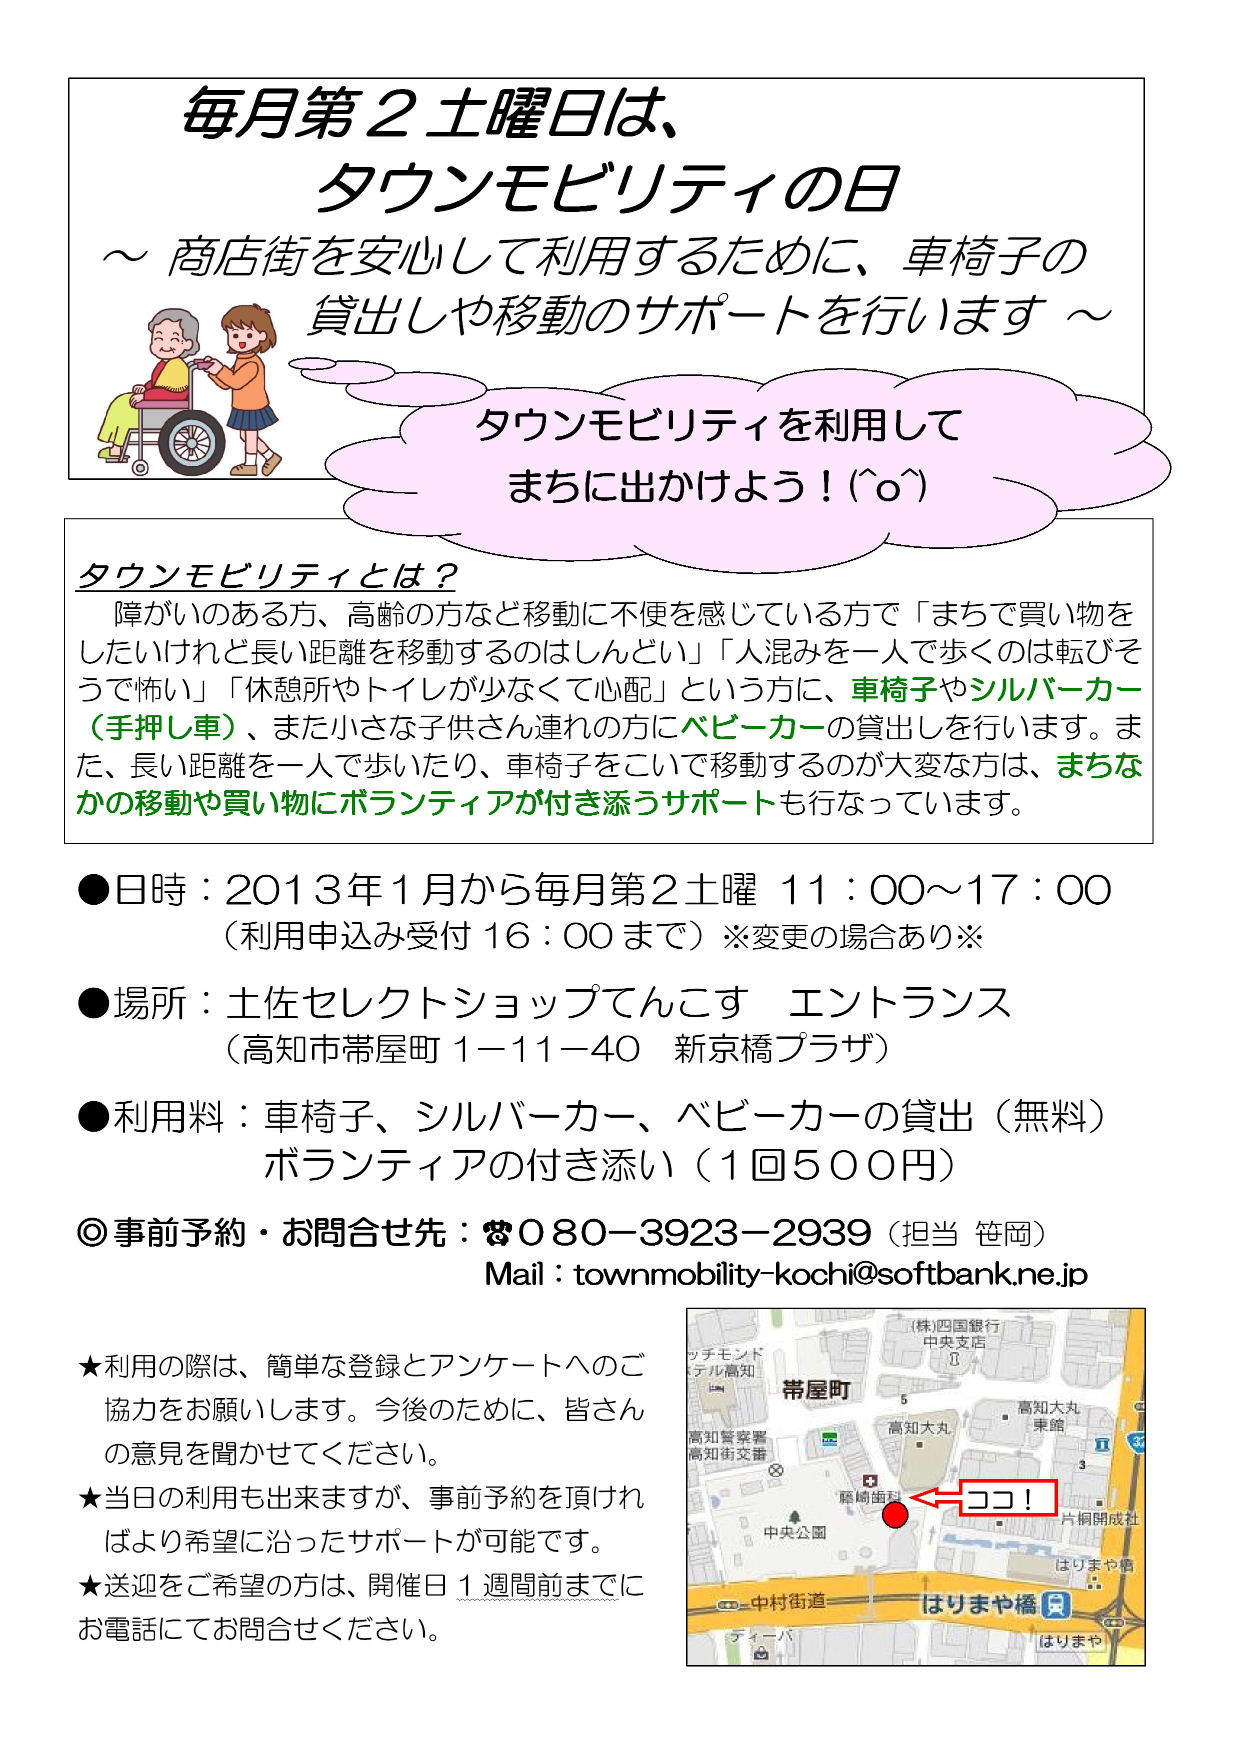 2013年タウンモビリティチラシ7~9月-1